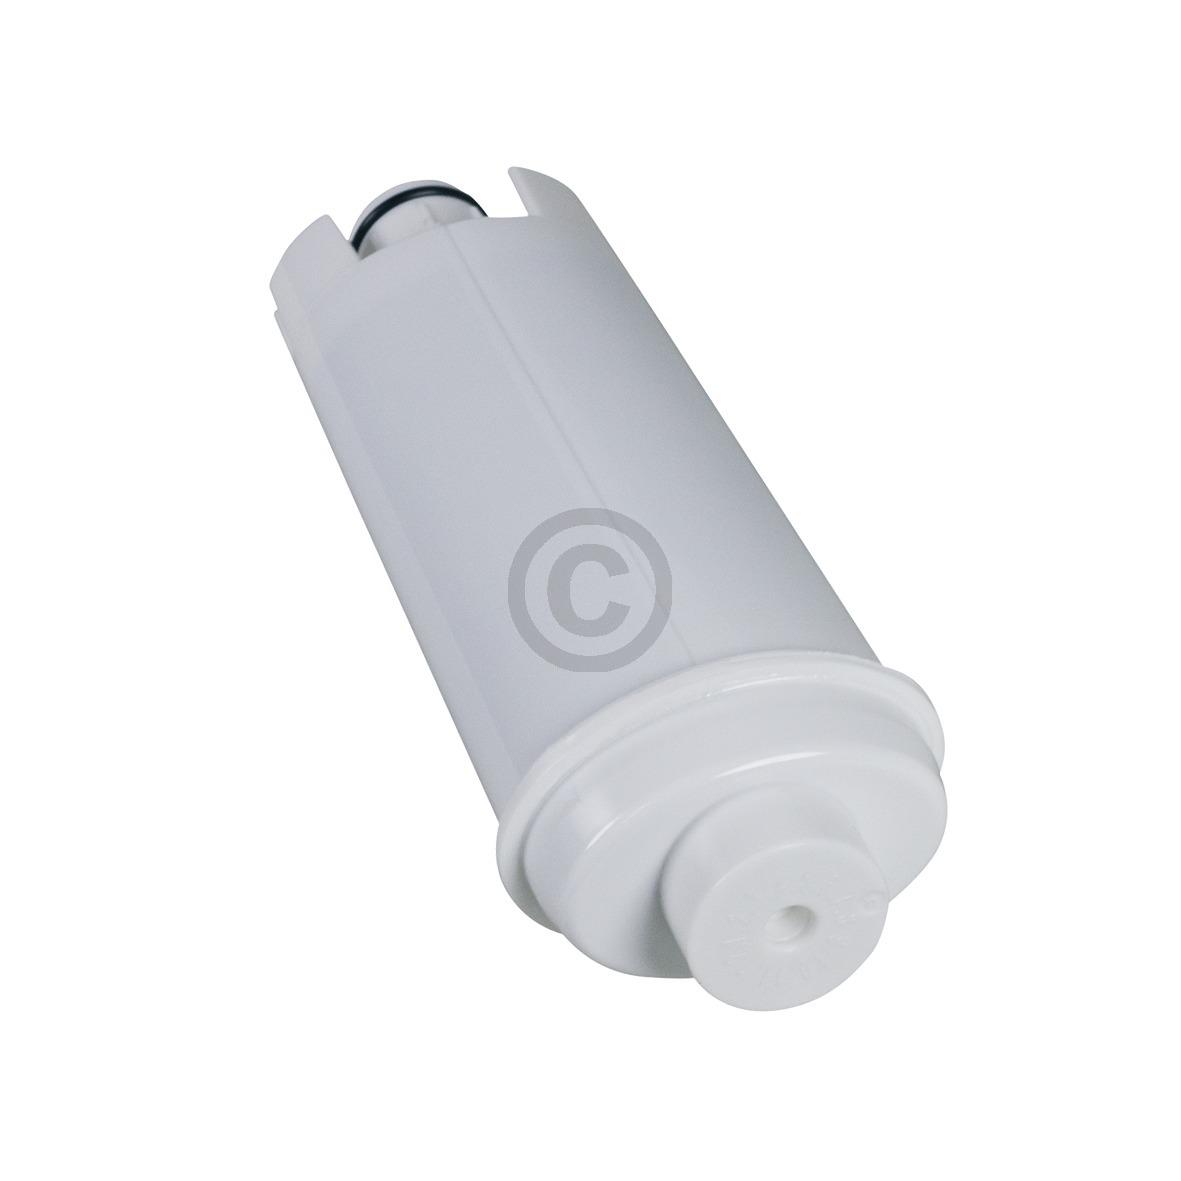 Wasserfilter DeLonghi DLS C002 Alternative für Kaffeemaschine DeLonghi